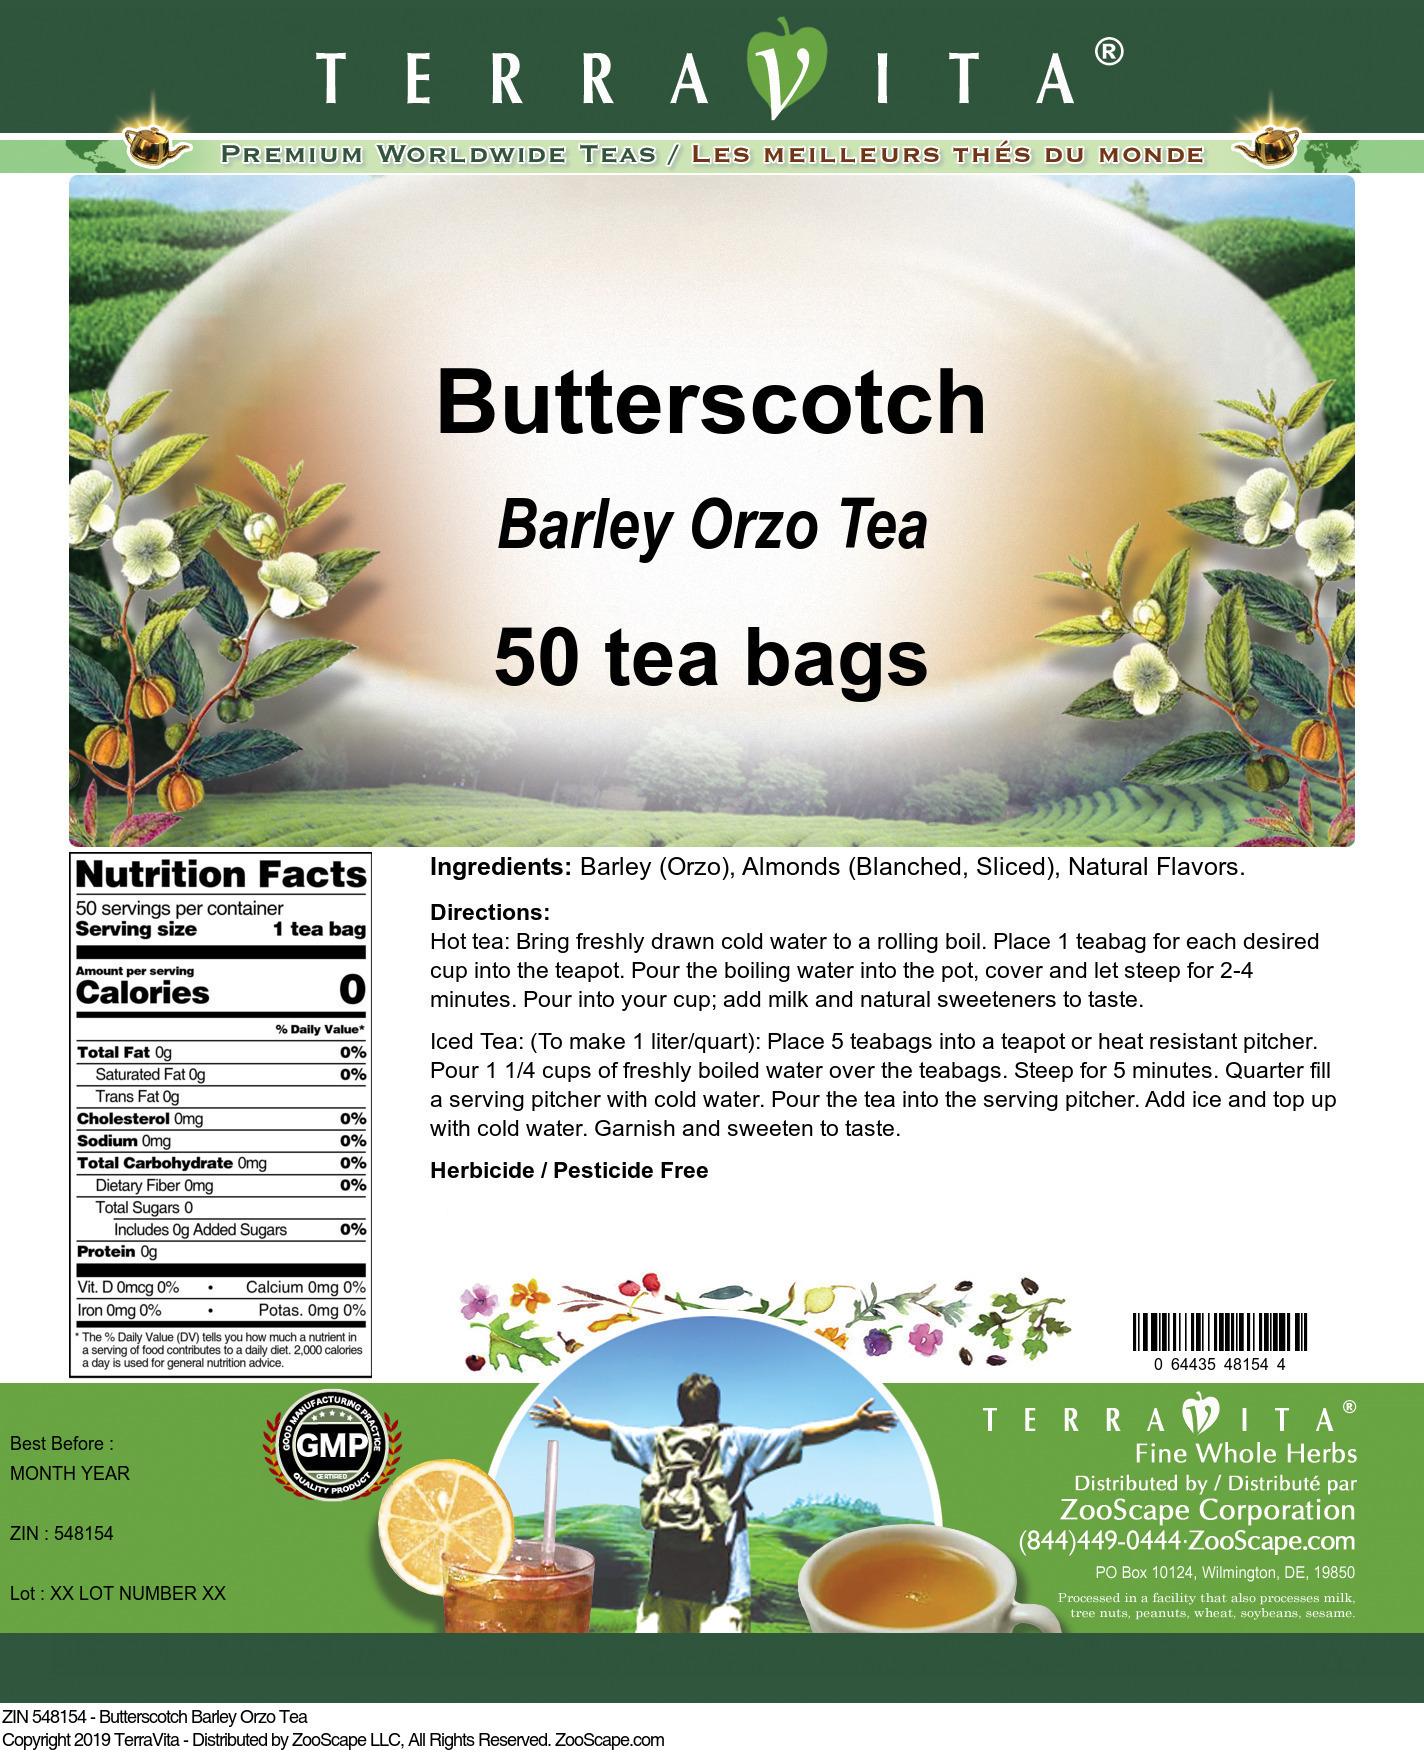 Butterscotch Barley Orzo